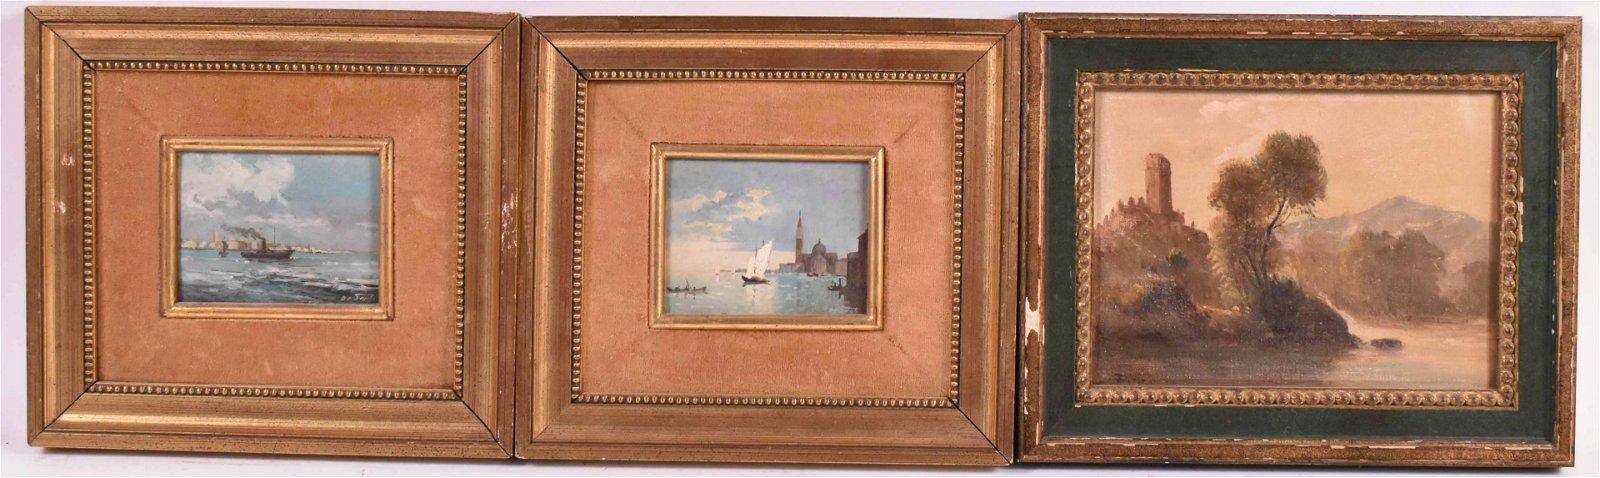 Two Oils on Board, Venetian Scenes